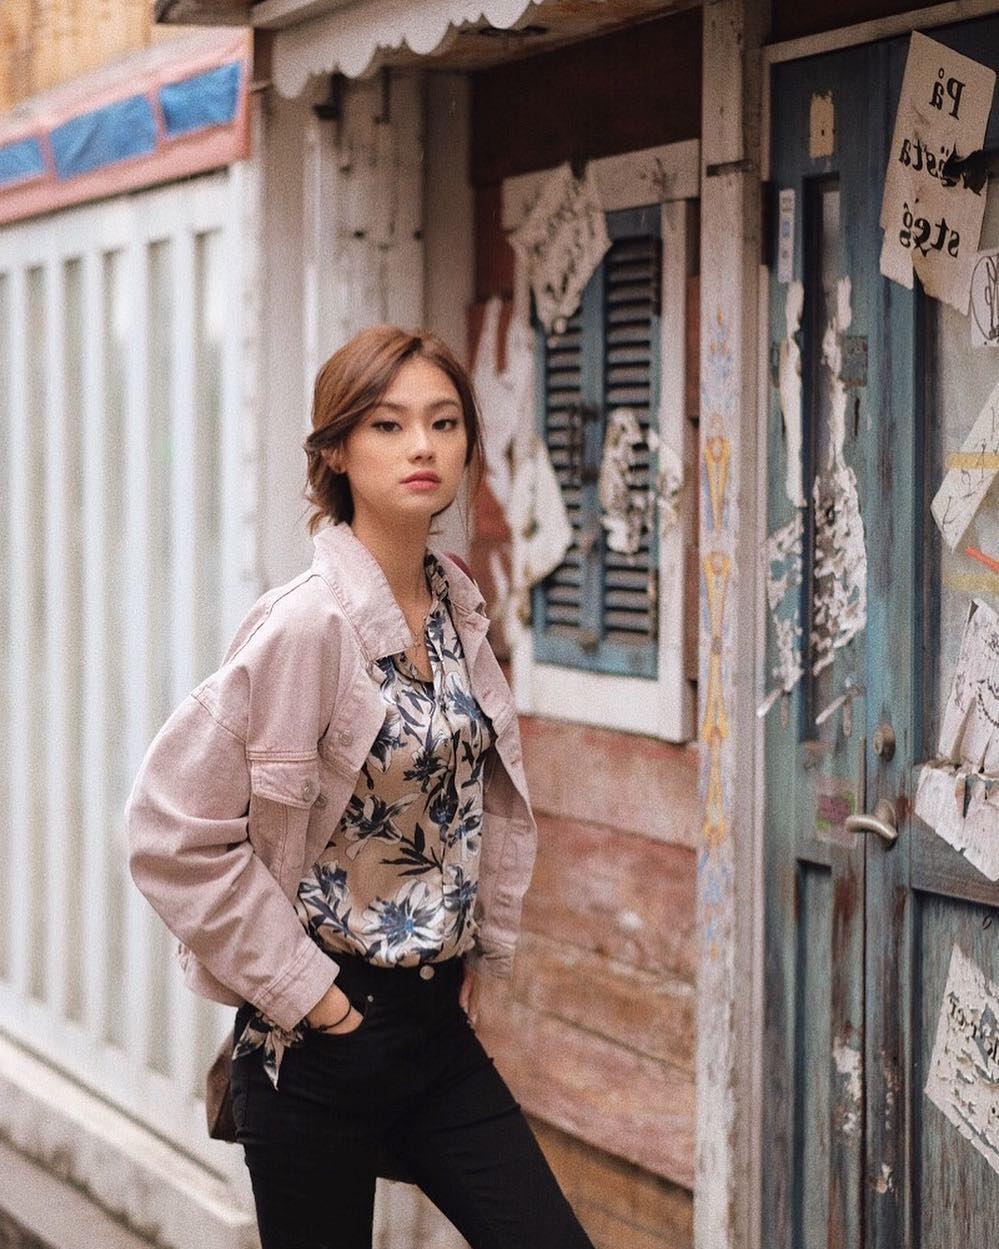 10 Potret Manisnya Gege Elisa di Jepang, Hits Banget!